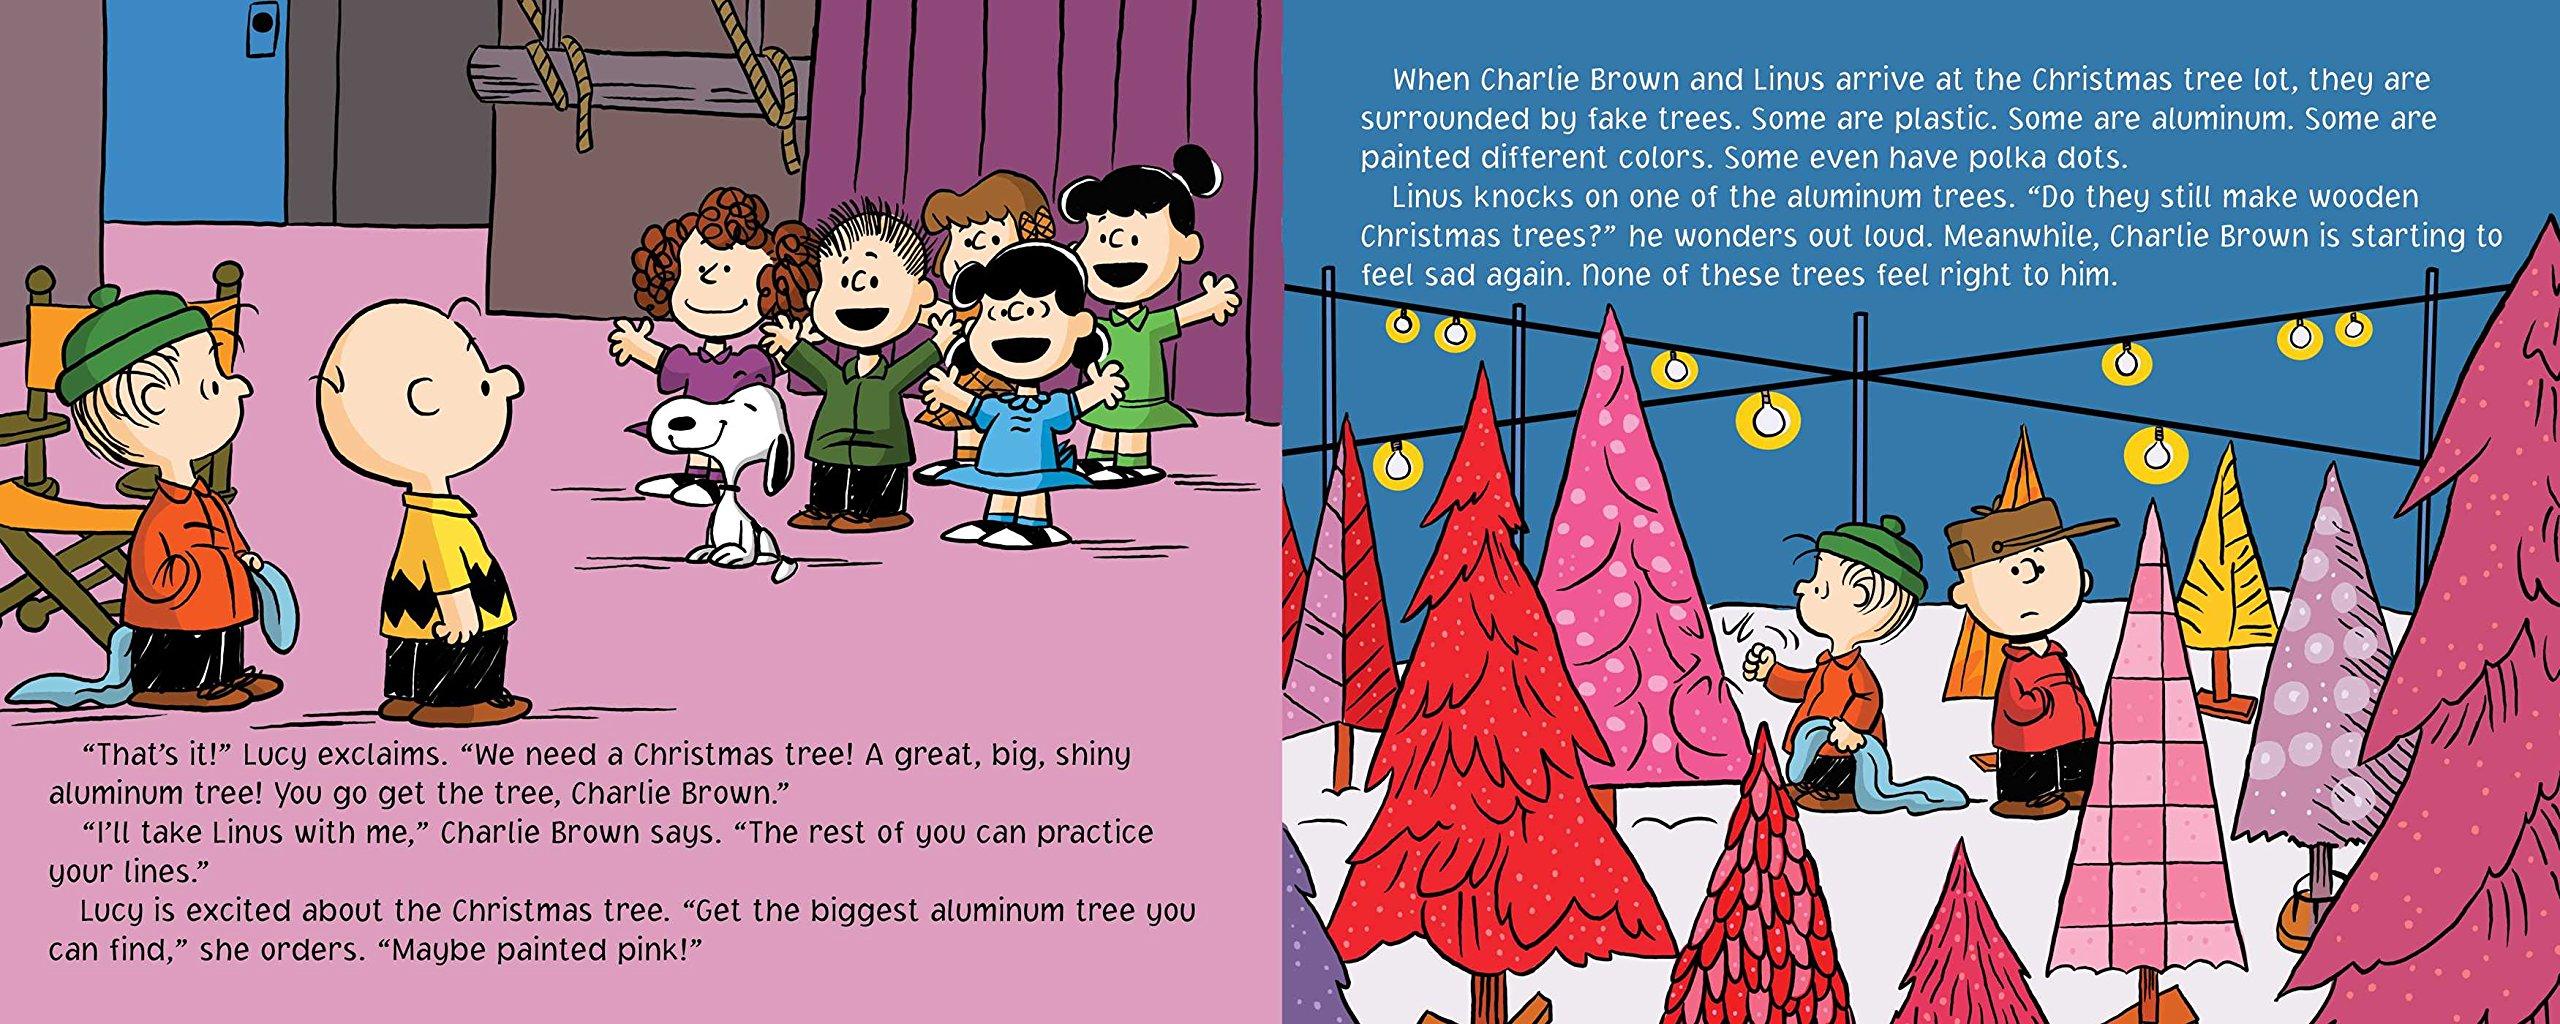 Immagini Natale Linus.Festeggia Il Natale Con Queste Cartoline Sovietiche Sull